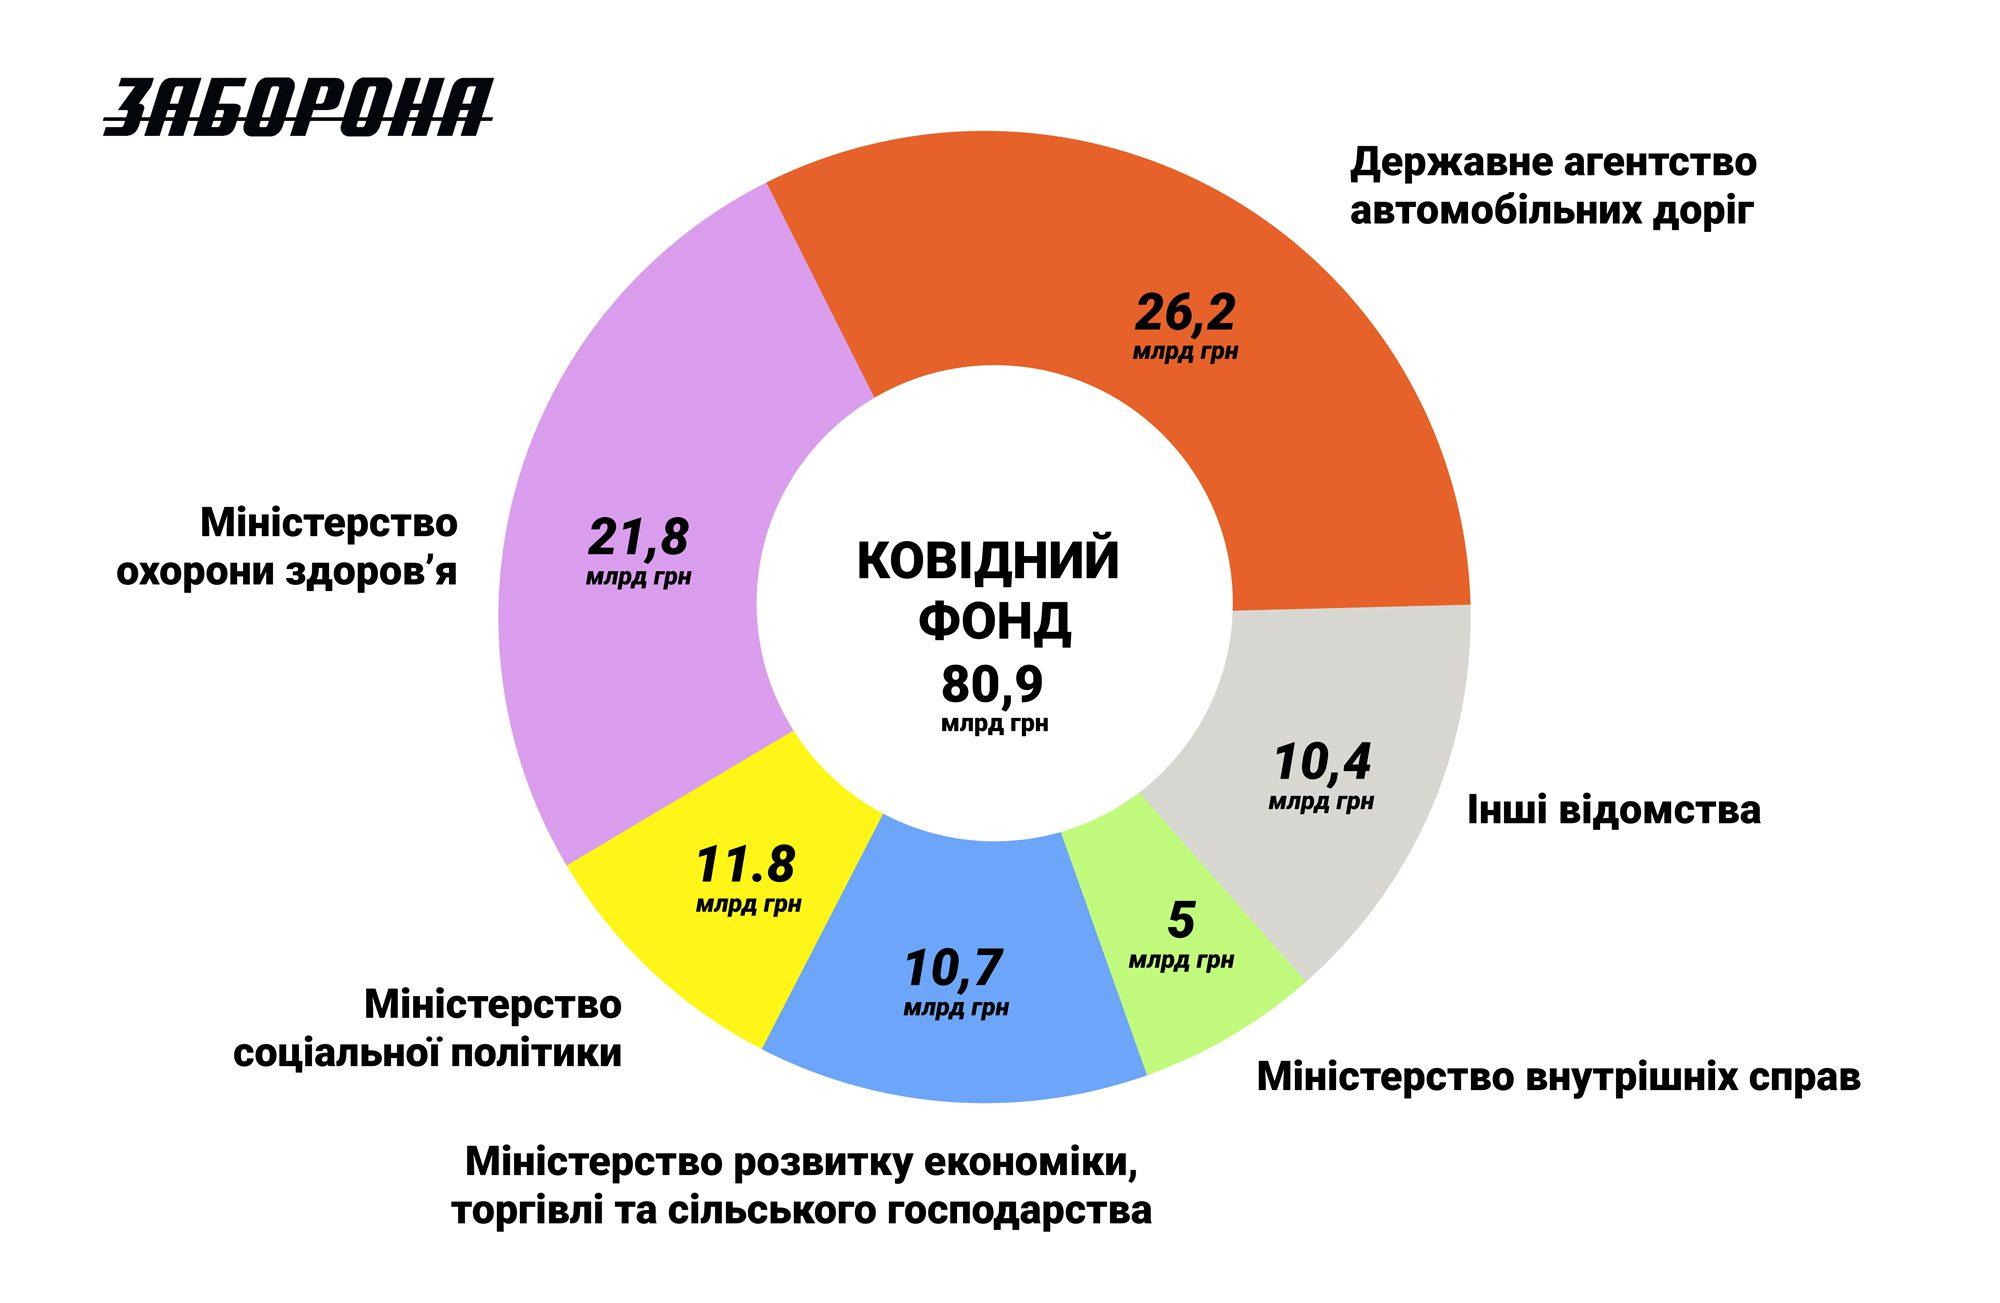 covid ukraine 70 - <b>COVID-фонд мав врятувати Україну від пандемії.</b> Але гроші освоїли агентство доріг, МВС та інші відомства — розповідаємо, чому так сталося - Заборона